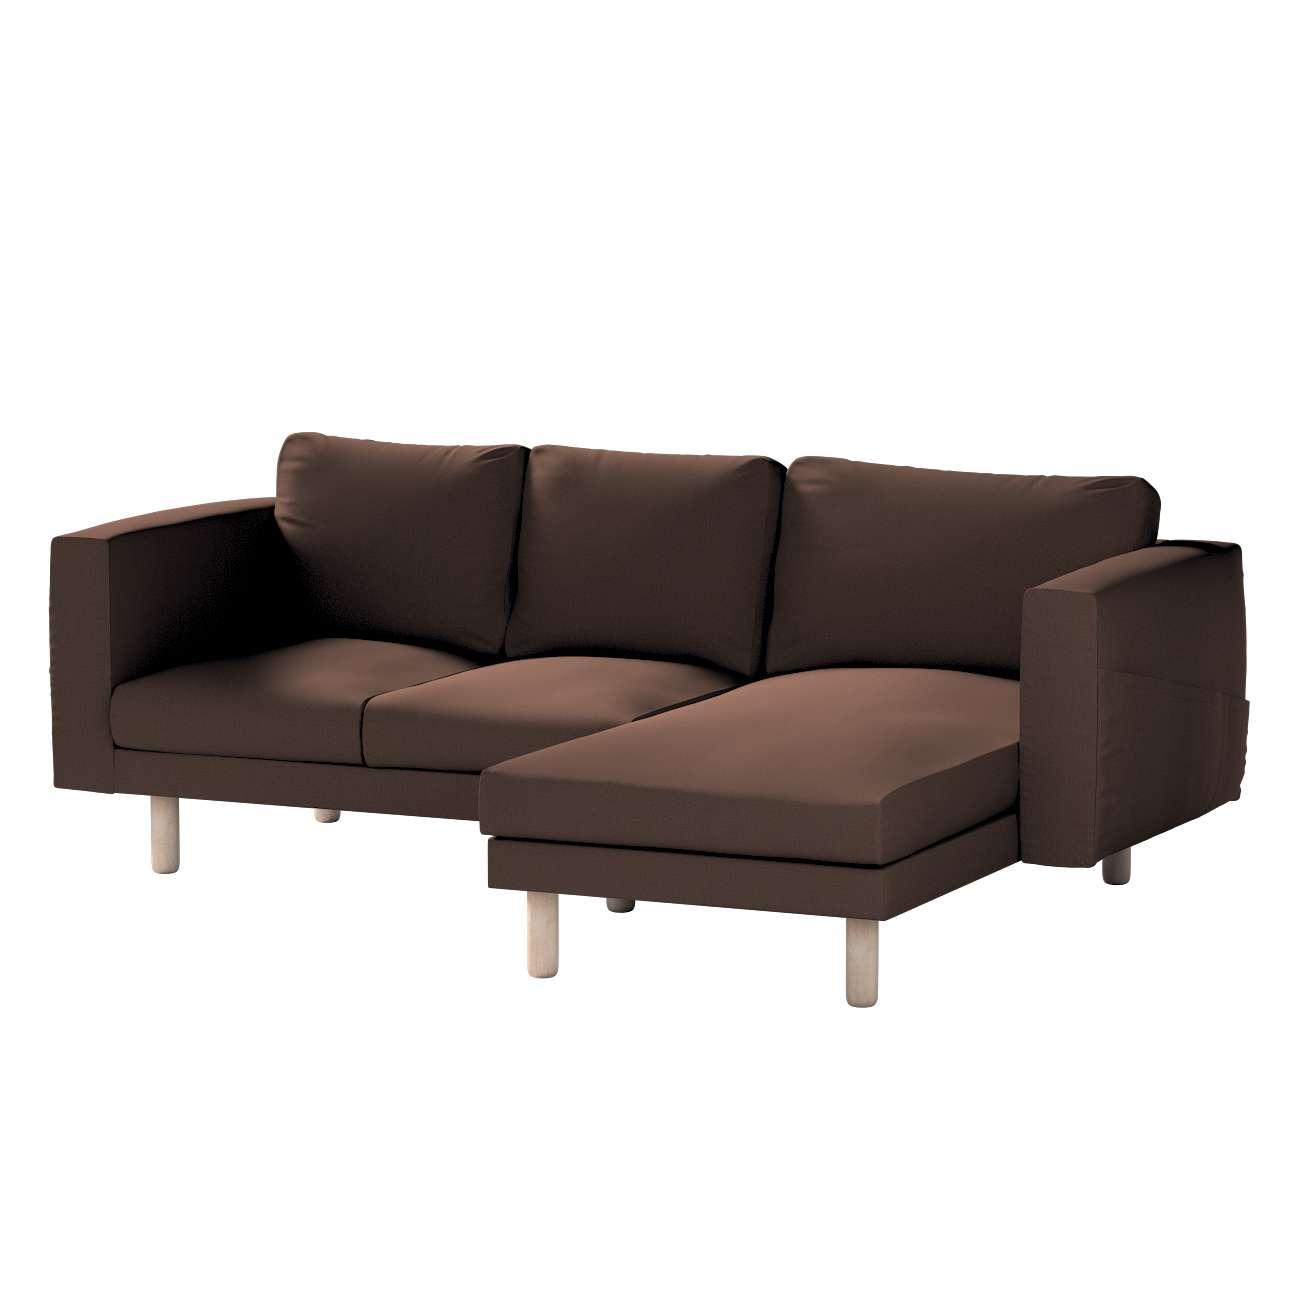 Pokrowiec na sofę Norsborg 3-osobową z szezlongiem w kolekcji Bergen, tkanina: 161-73